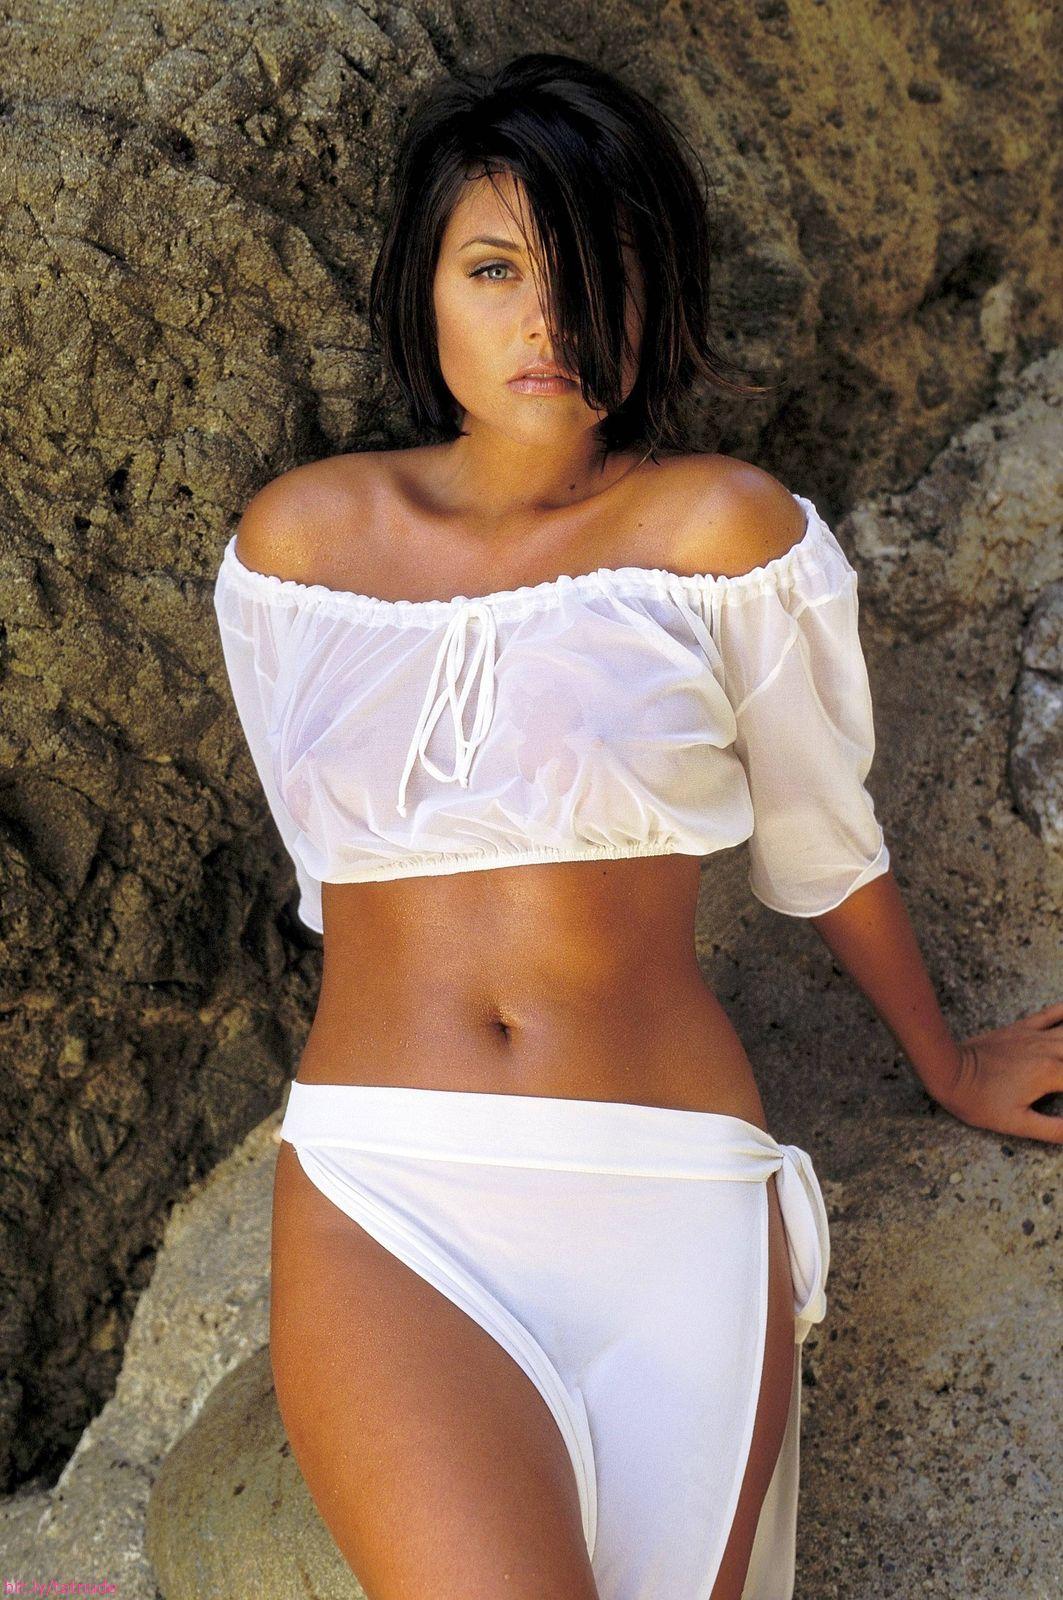 Tiffani amber thiessen nude pics